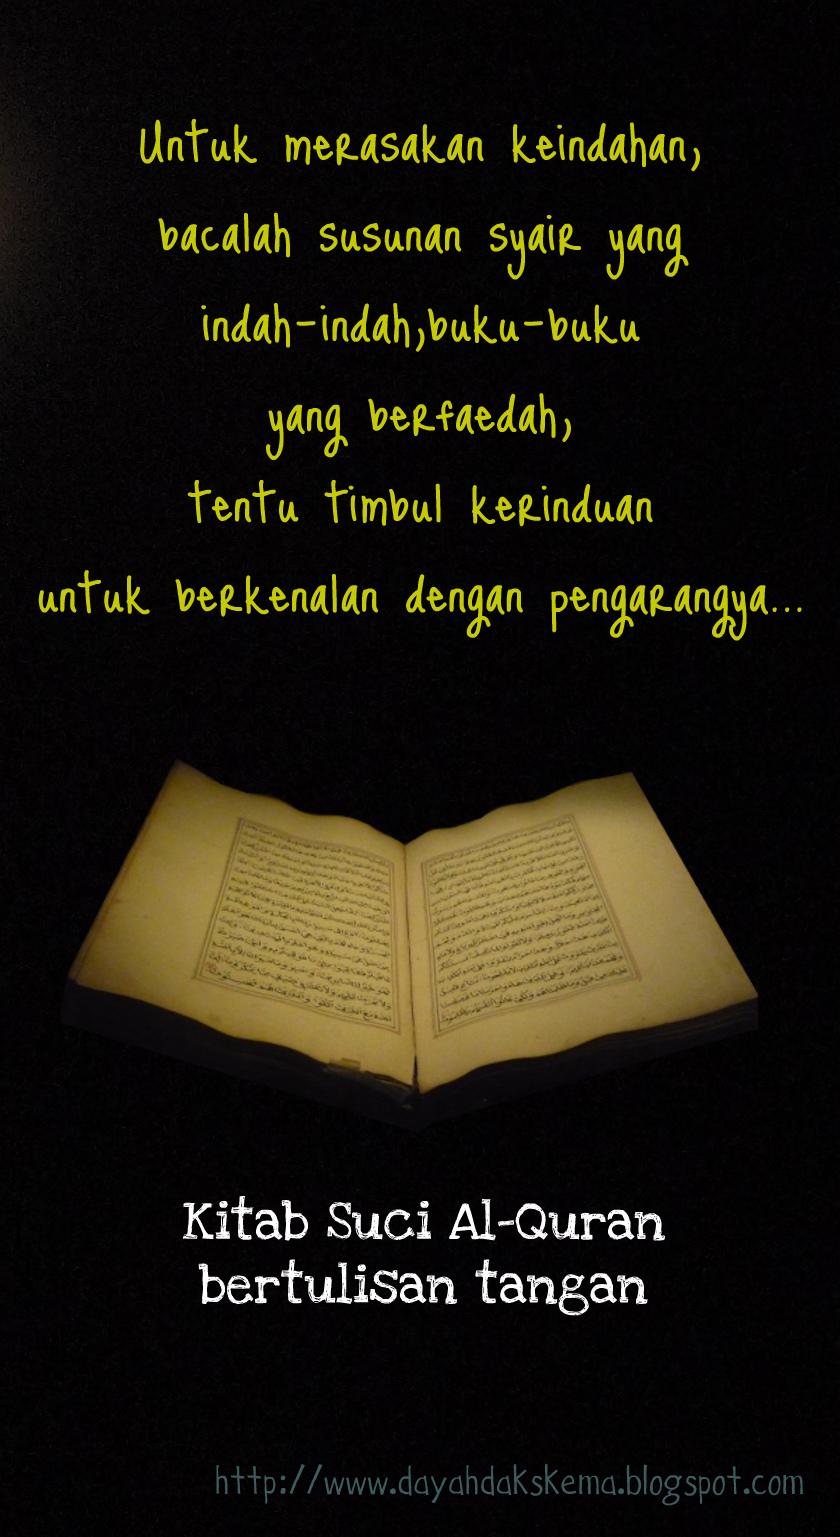 20 Kata Mutiara Qur An Dan Hadits Images Kata Mutiara Terbaru